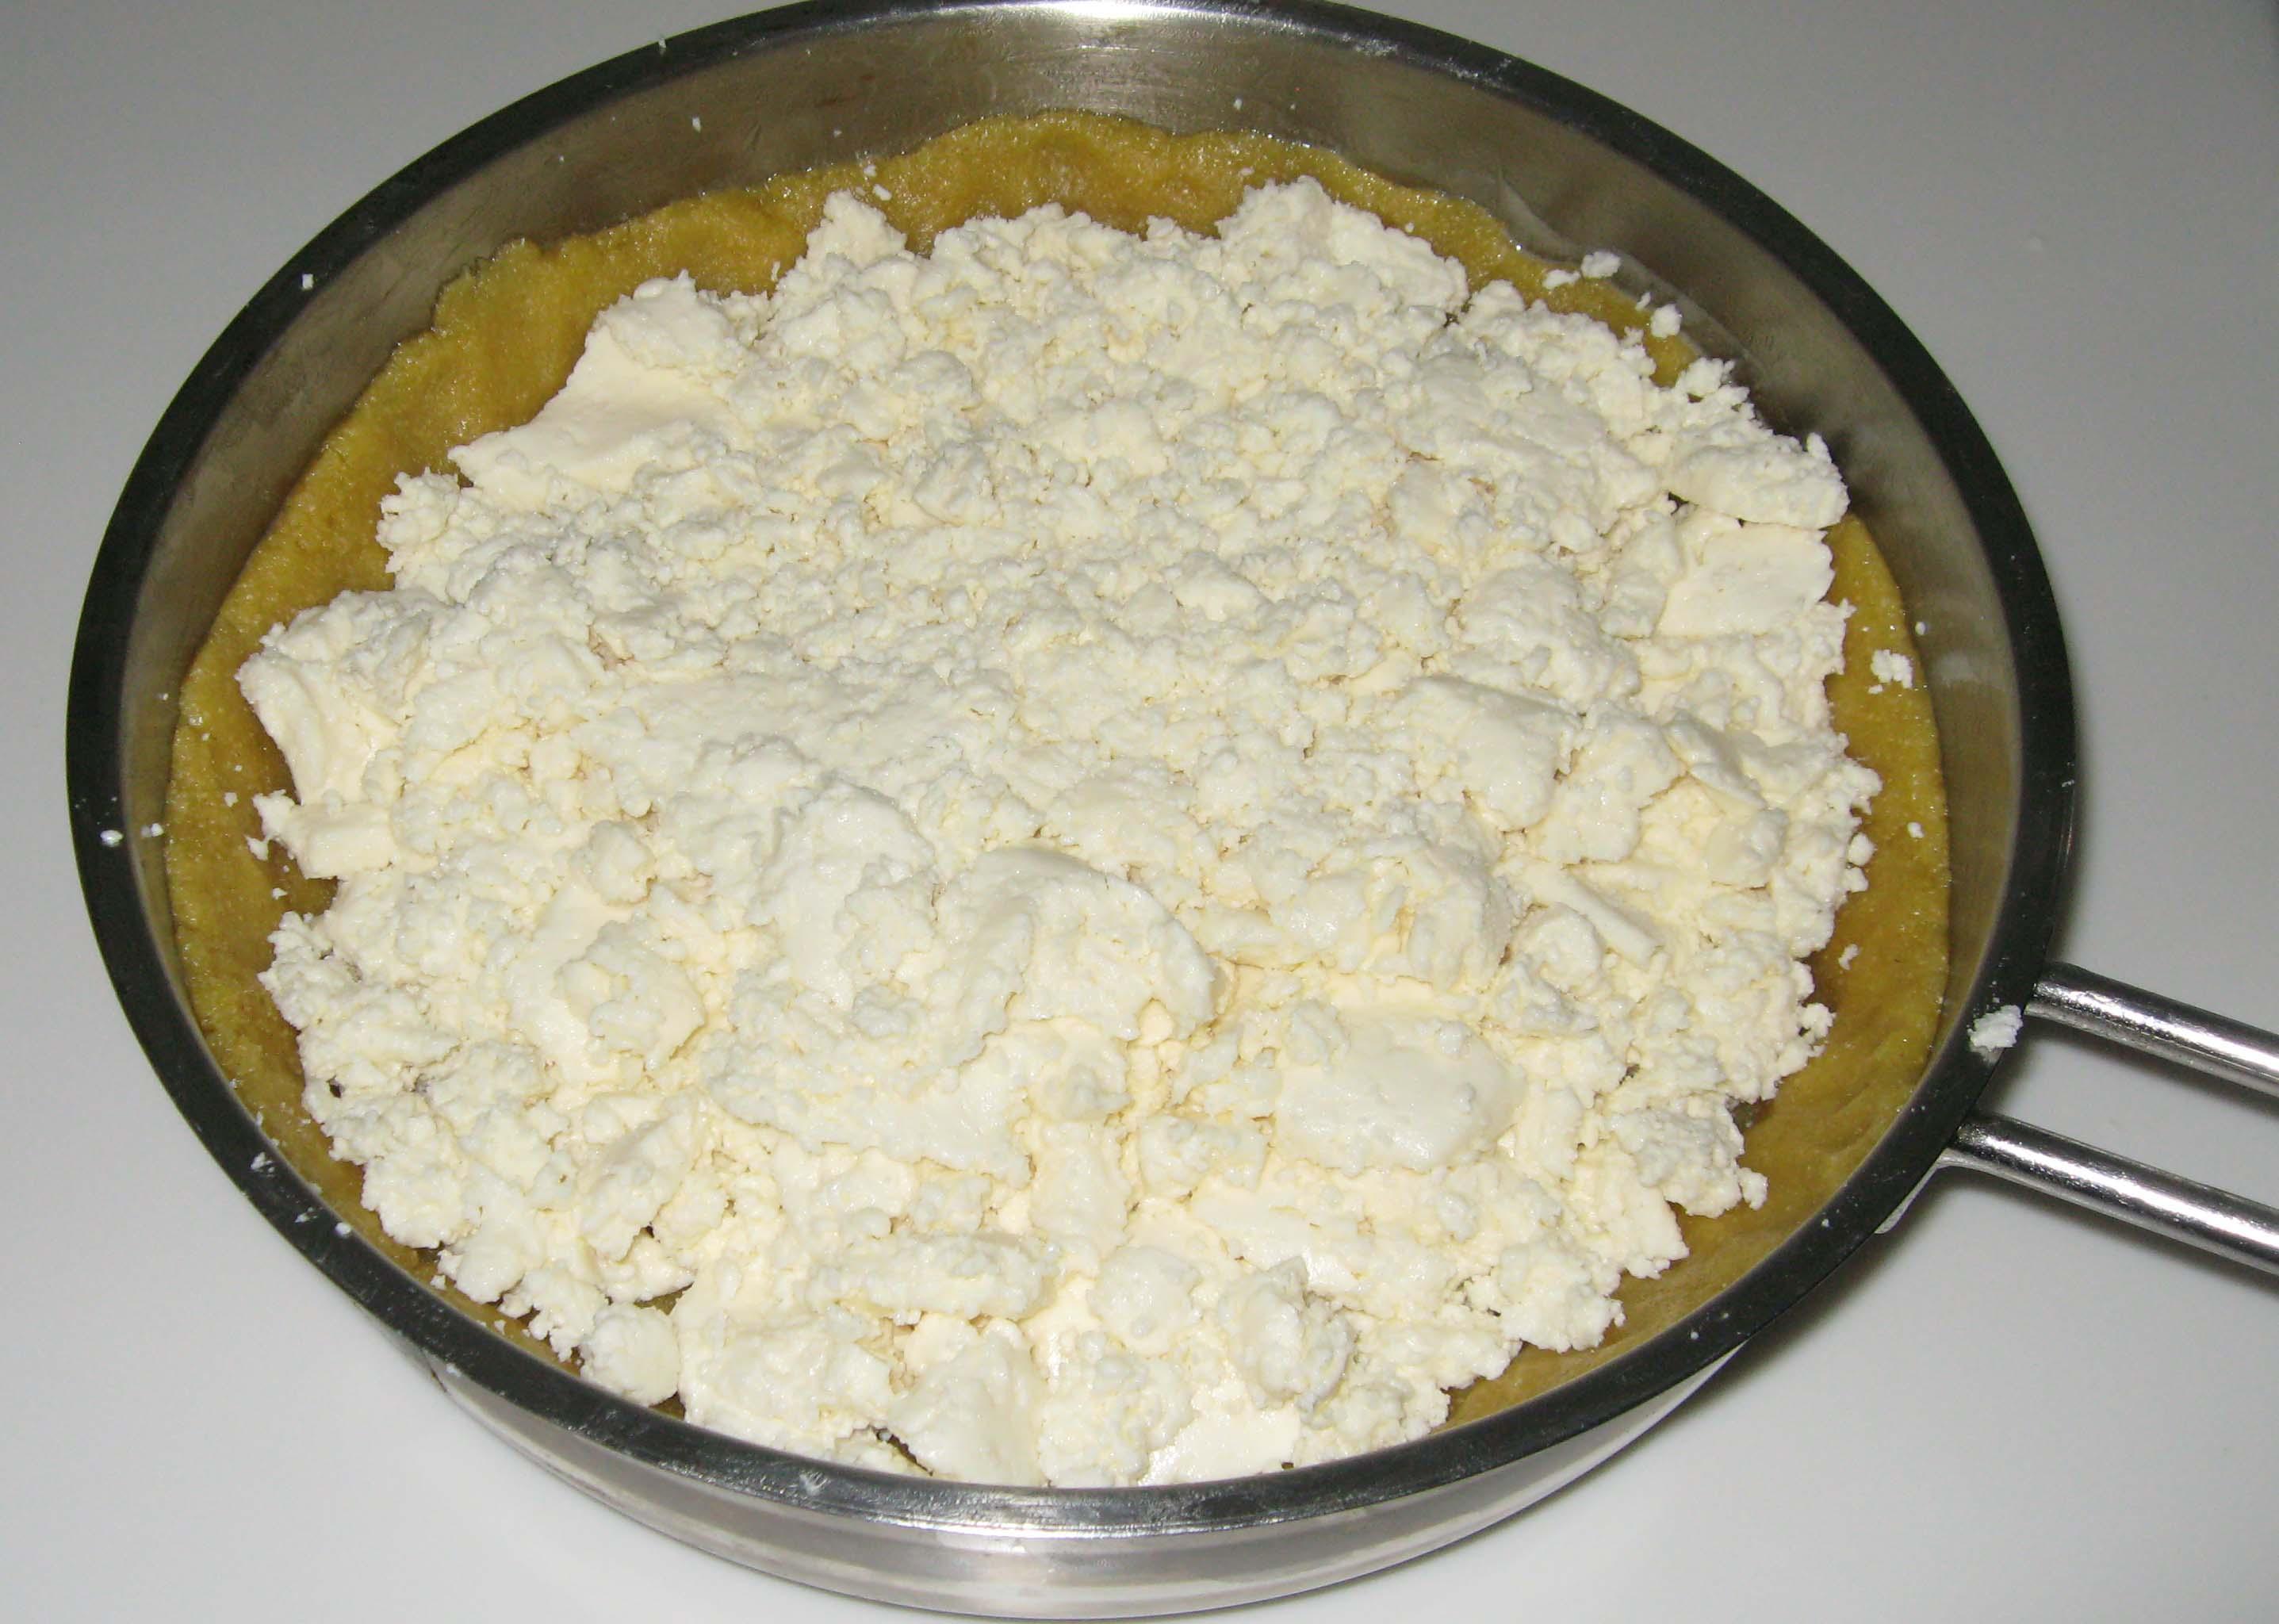 Add akawi cheese